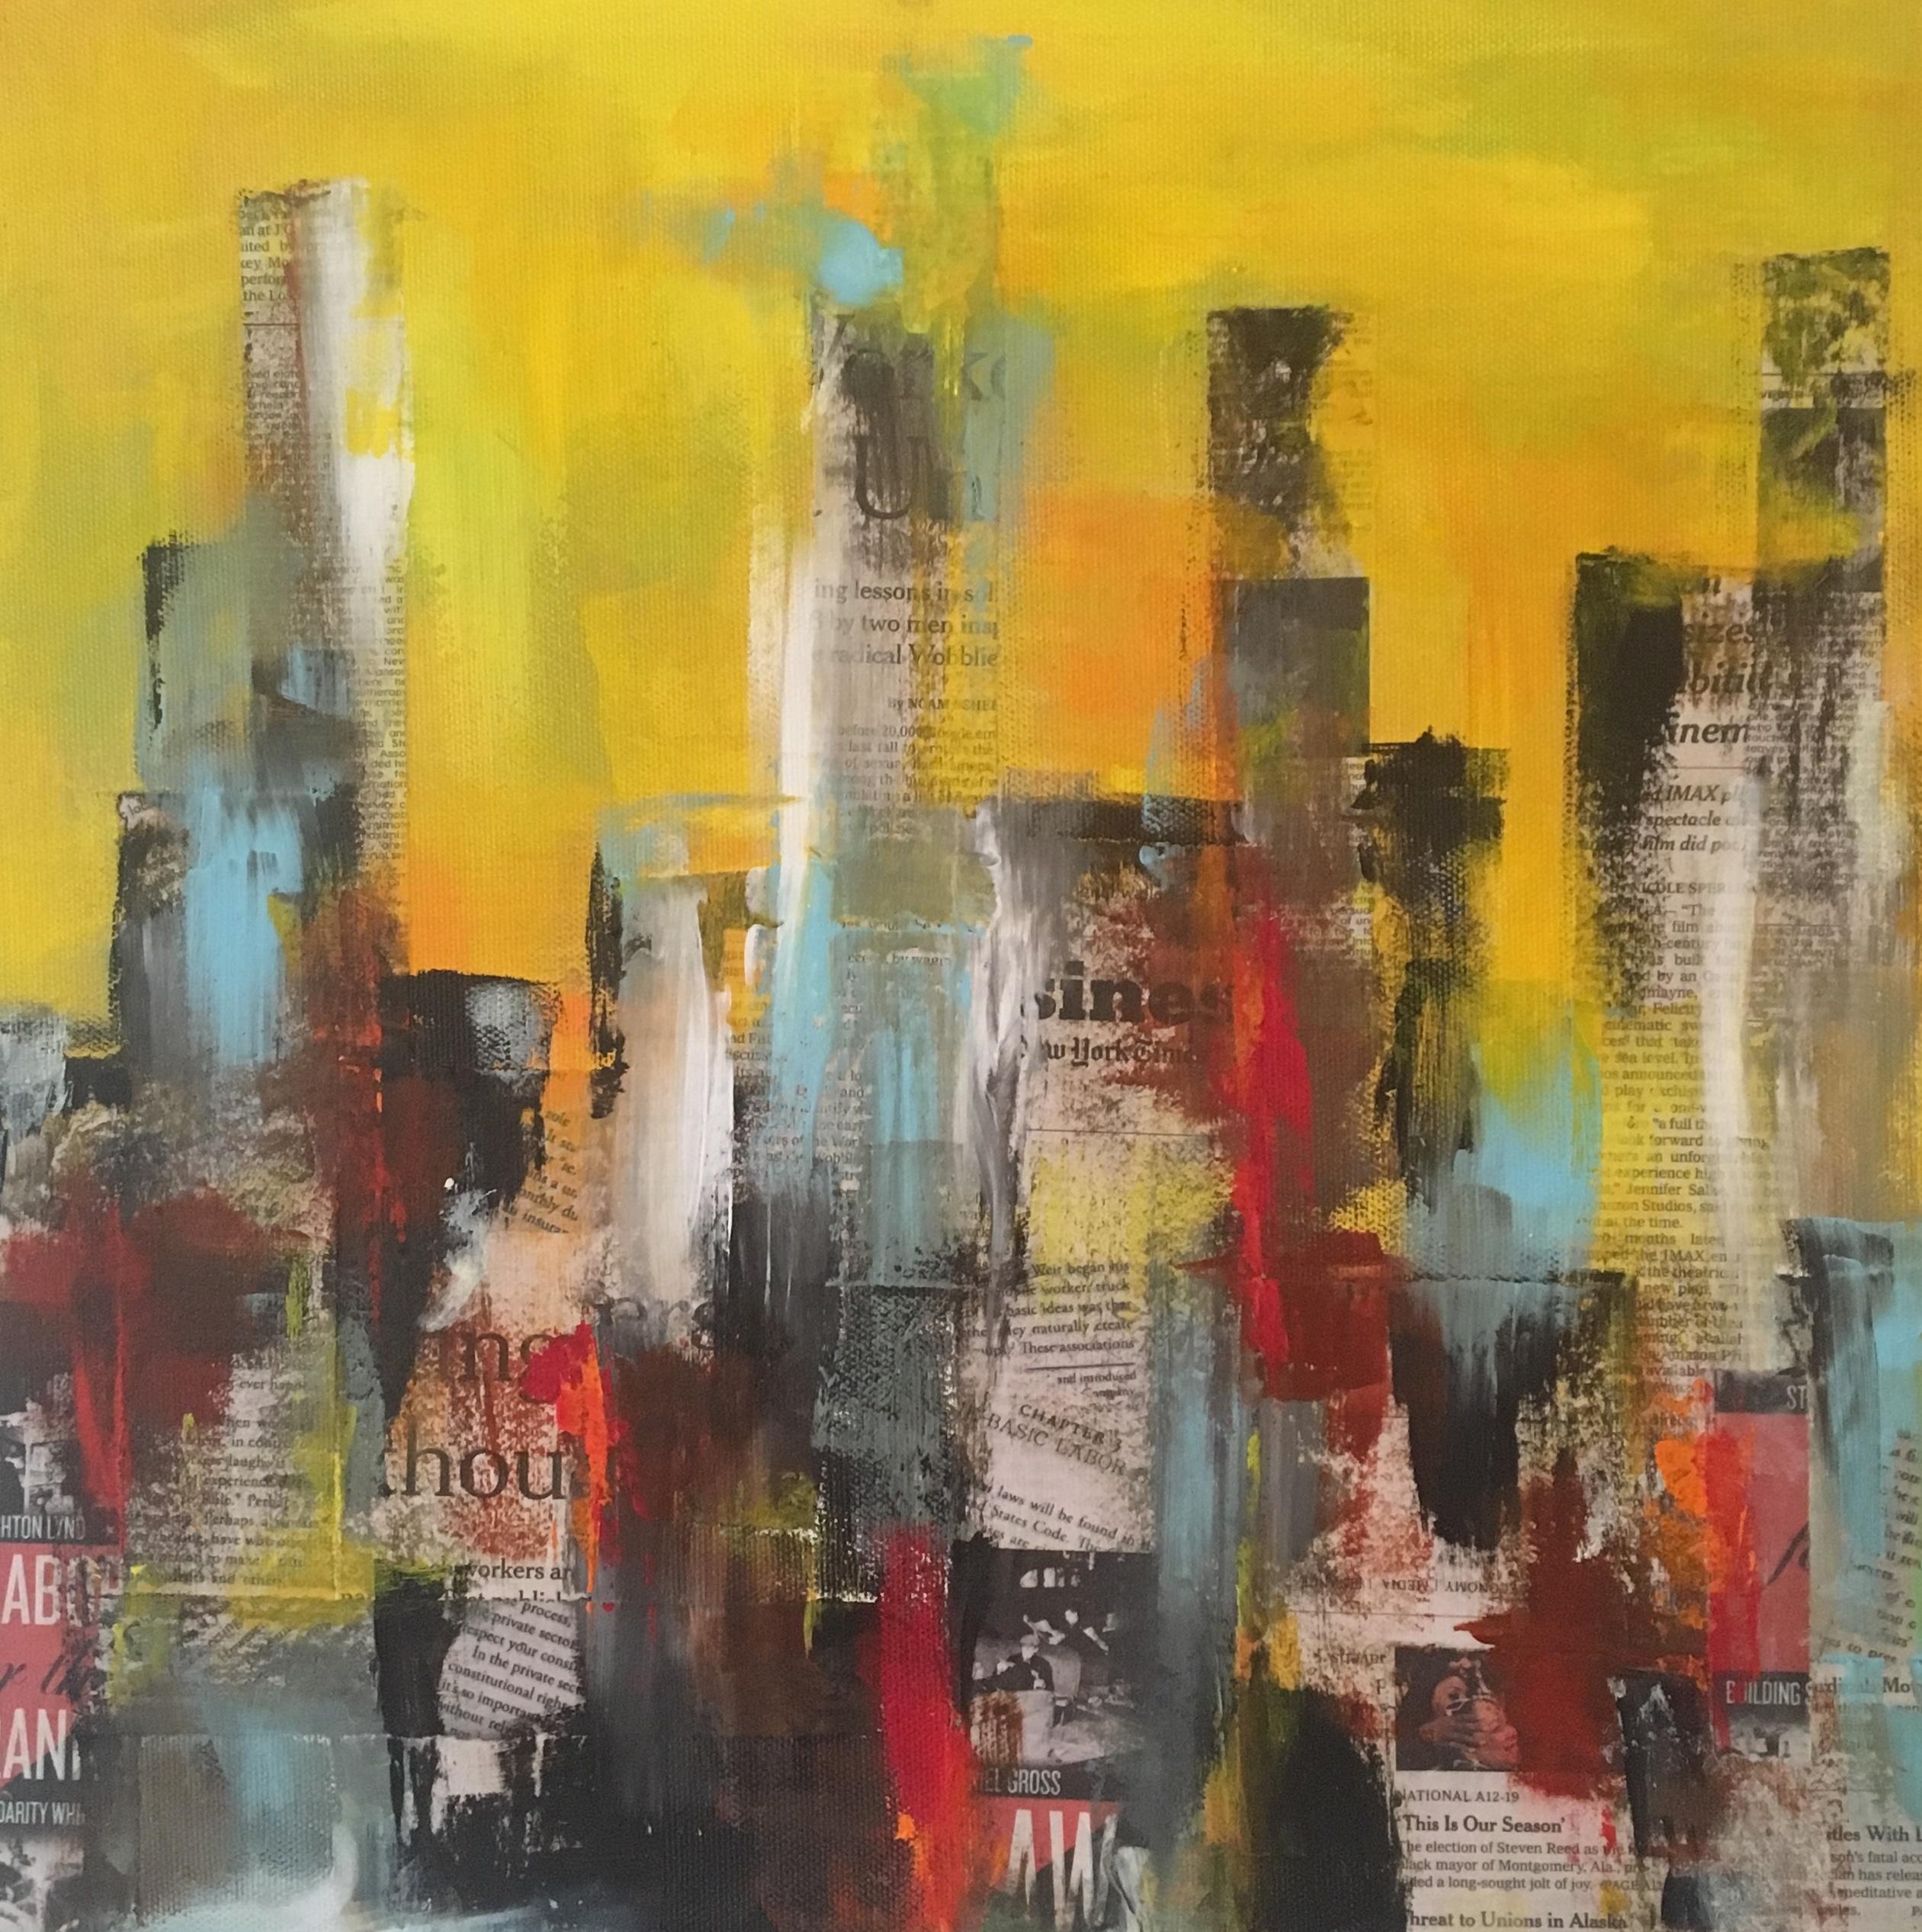 Jeg udstiller på Lower Manhatten i marts 2021 - og er her inspireret efter besøg på mit newyorker galleri.